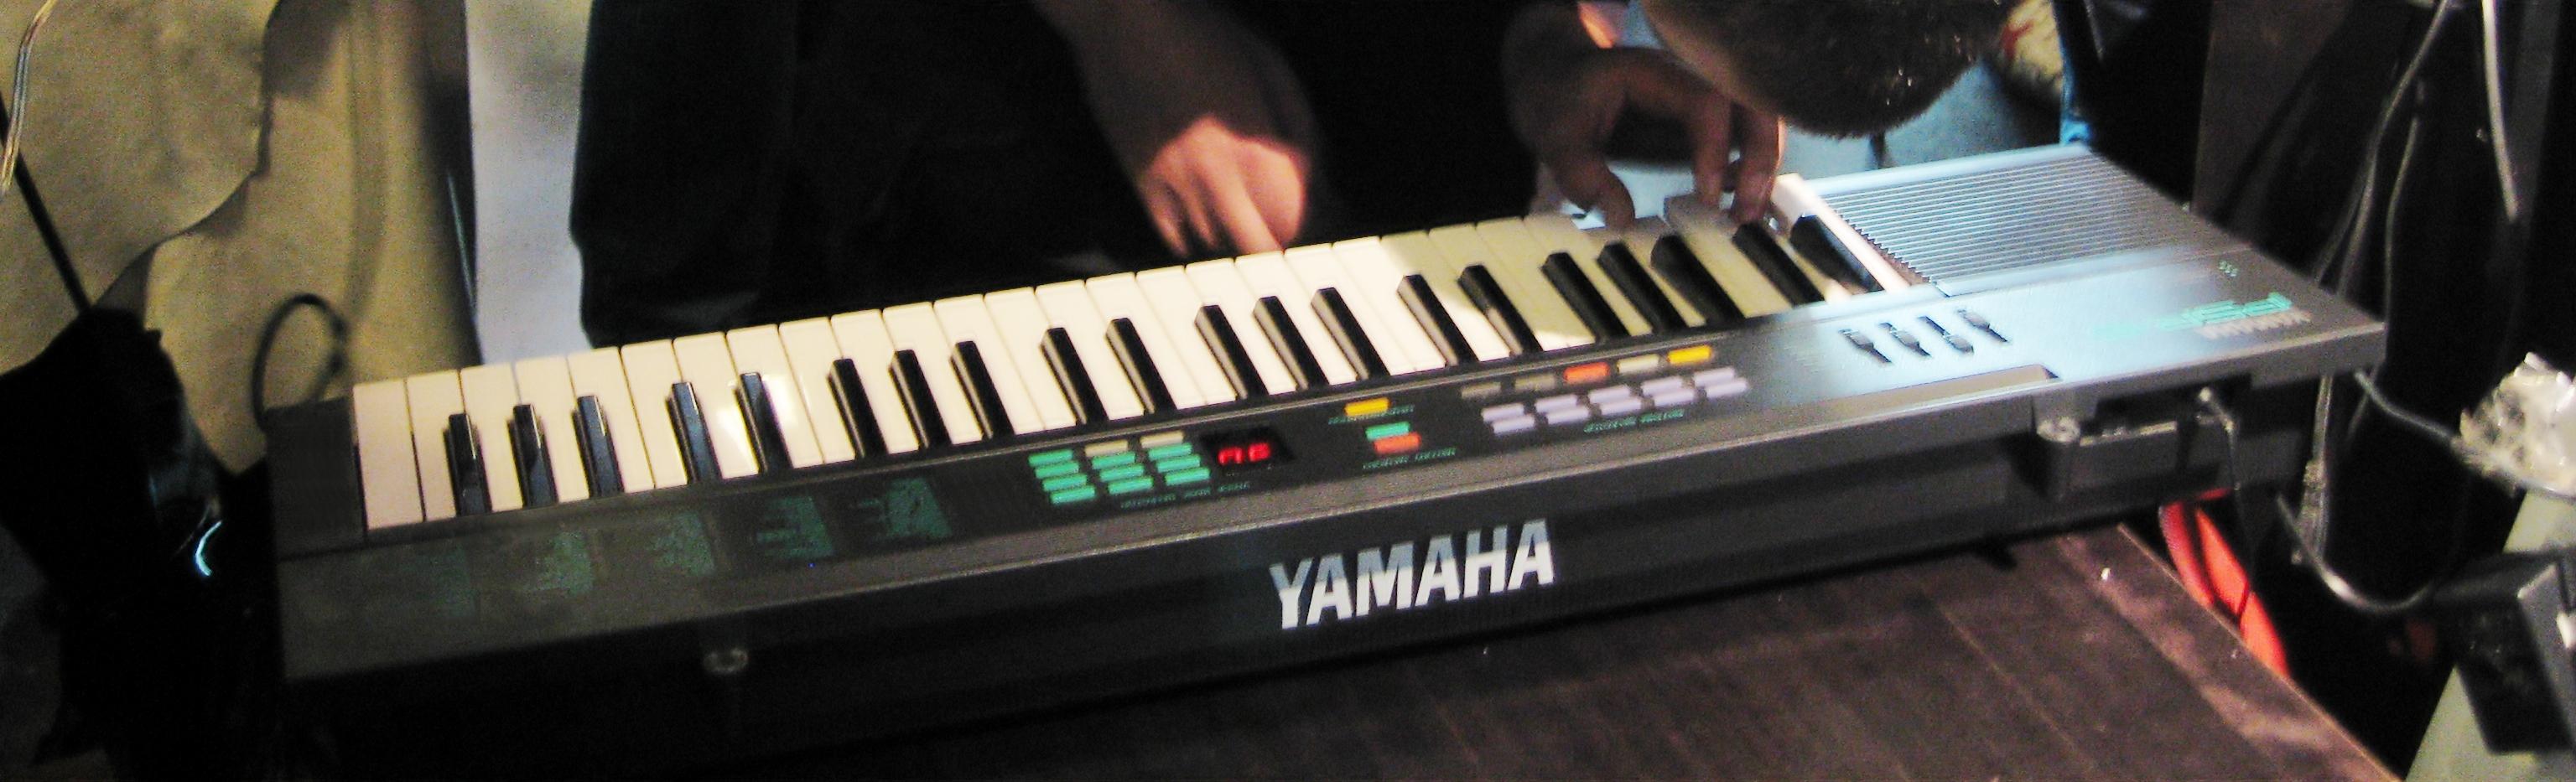 yamaha psr 6 keyboard review